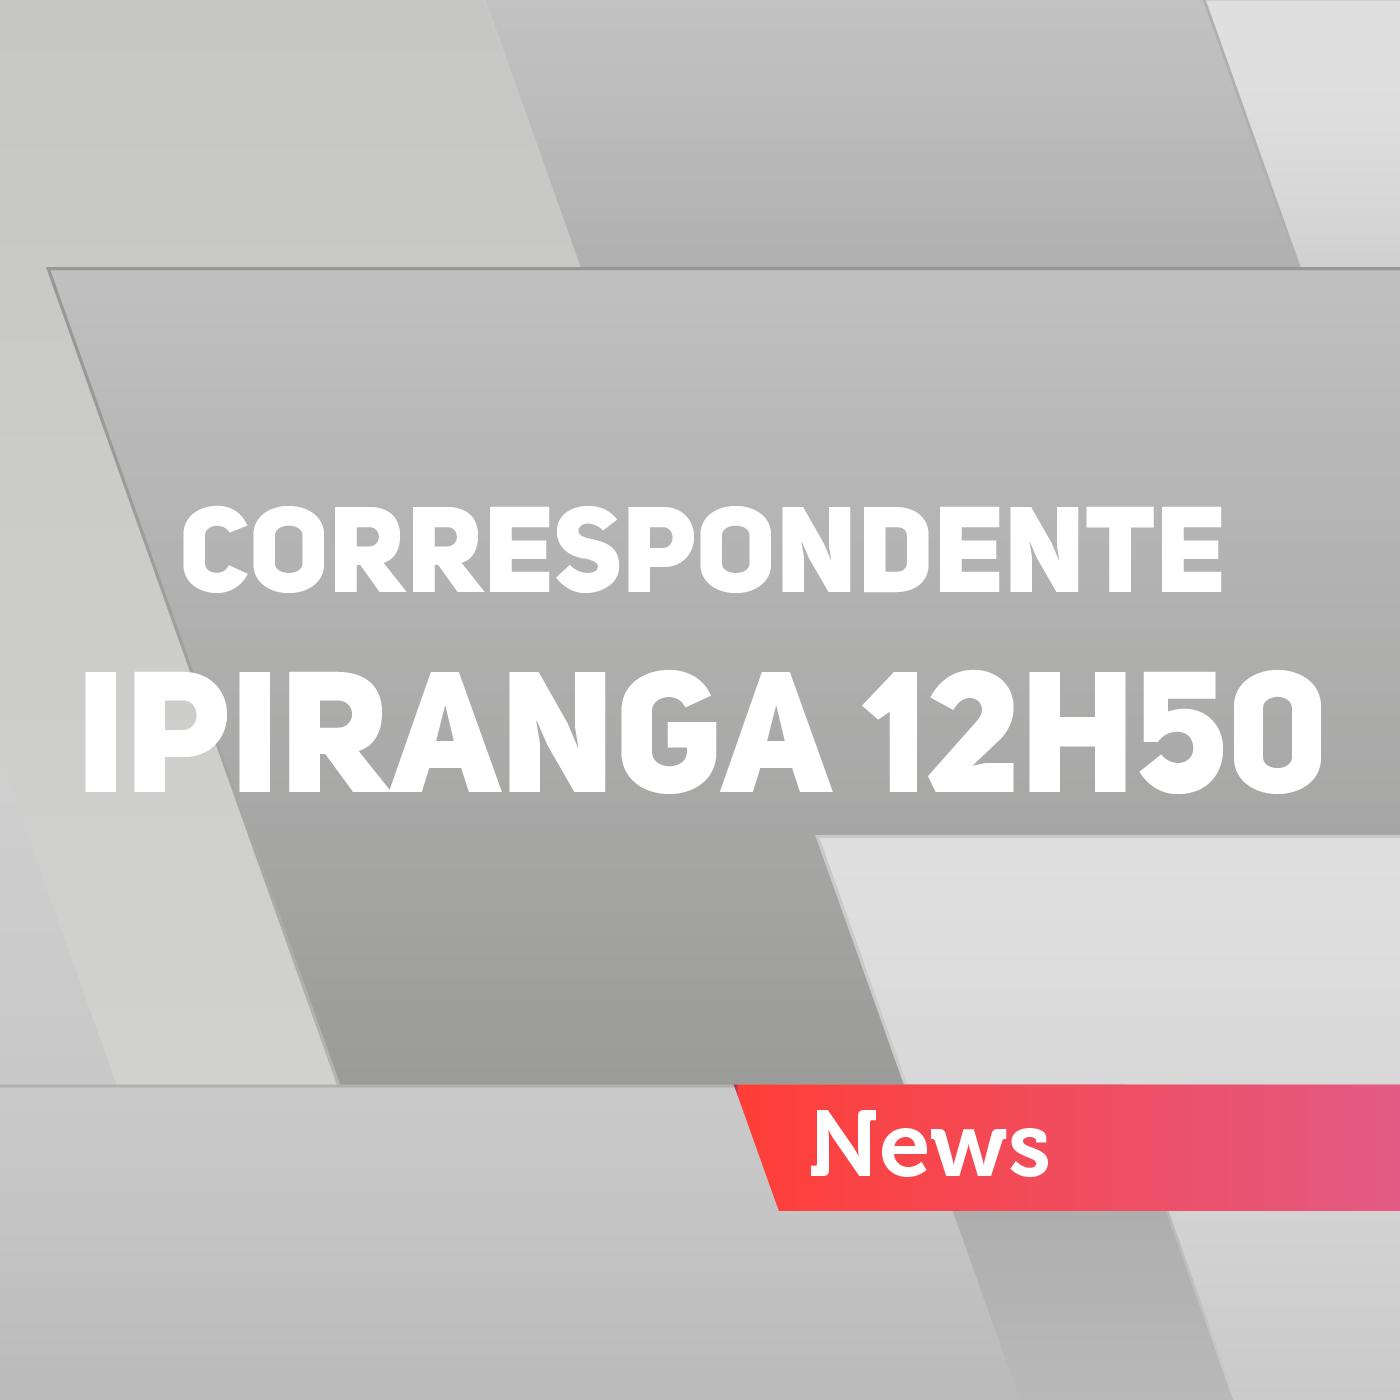 Correspondente Ipiranga 12h50 – 18/02/2018